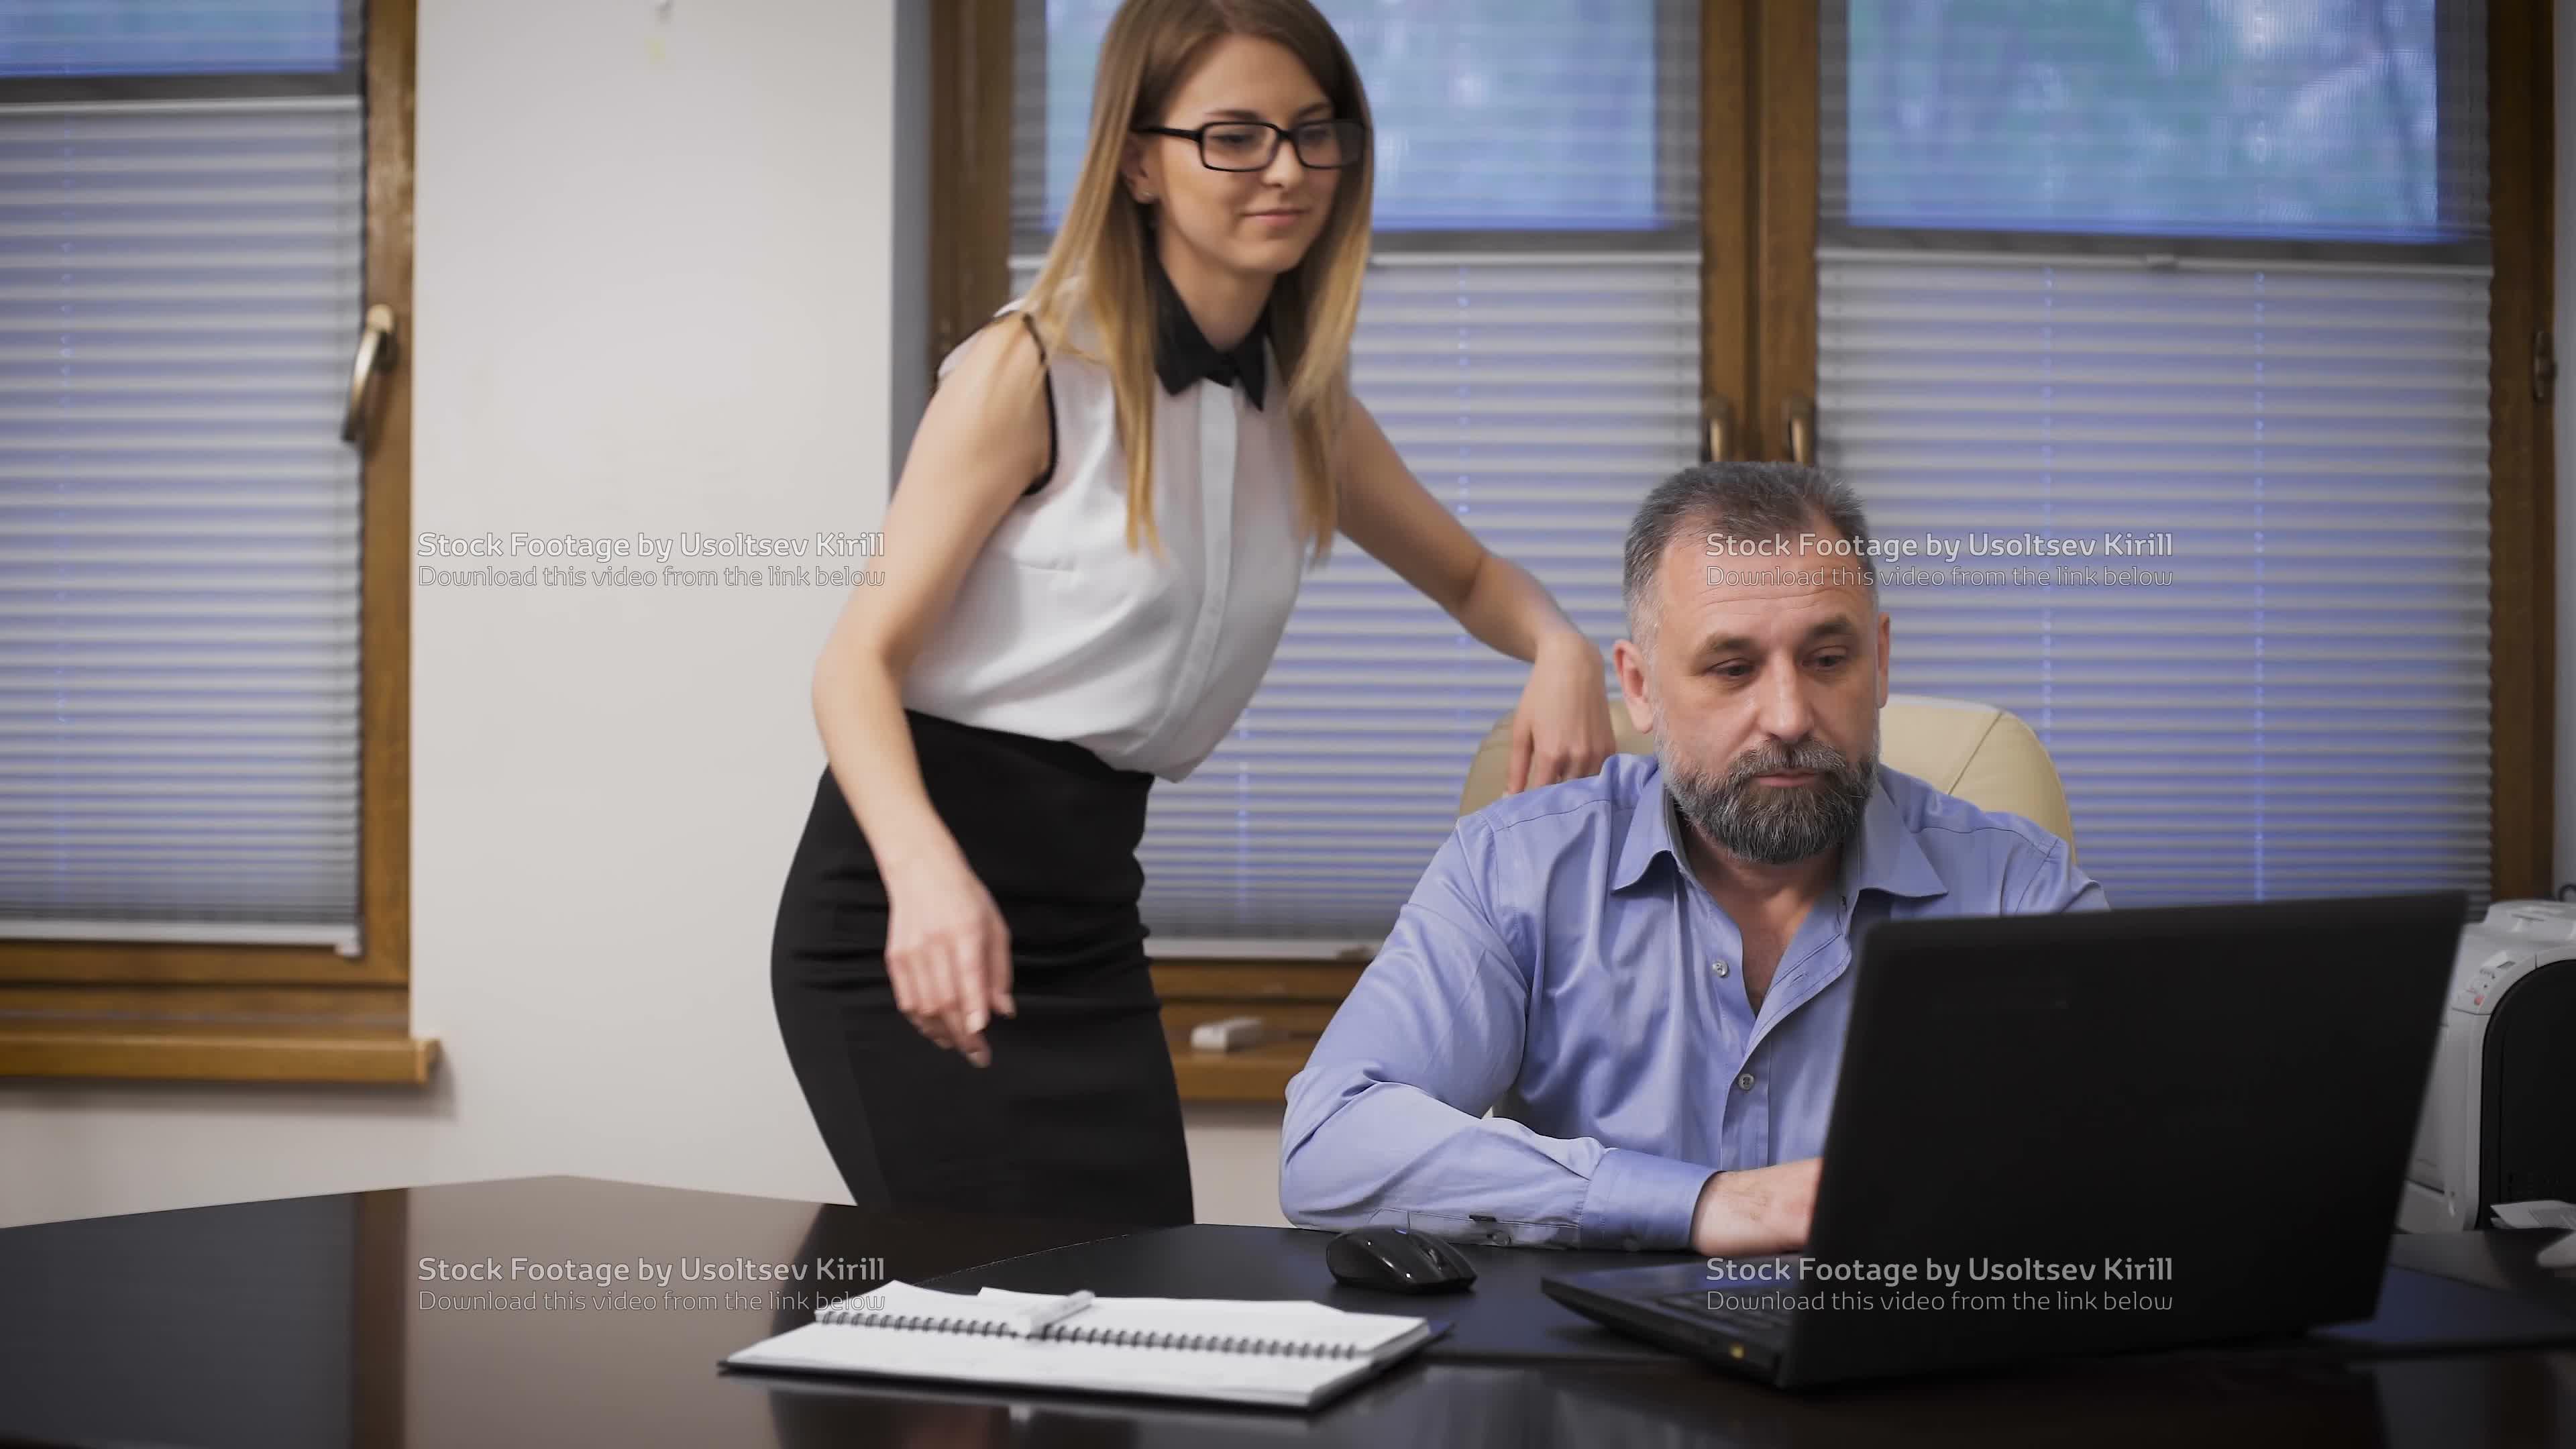 Рассказ шеф и секретарша, Лариса Маркиянова. Секретарша босс (рассказ) 26 фотография